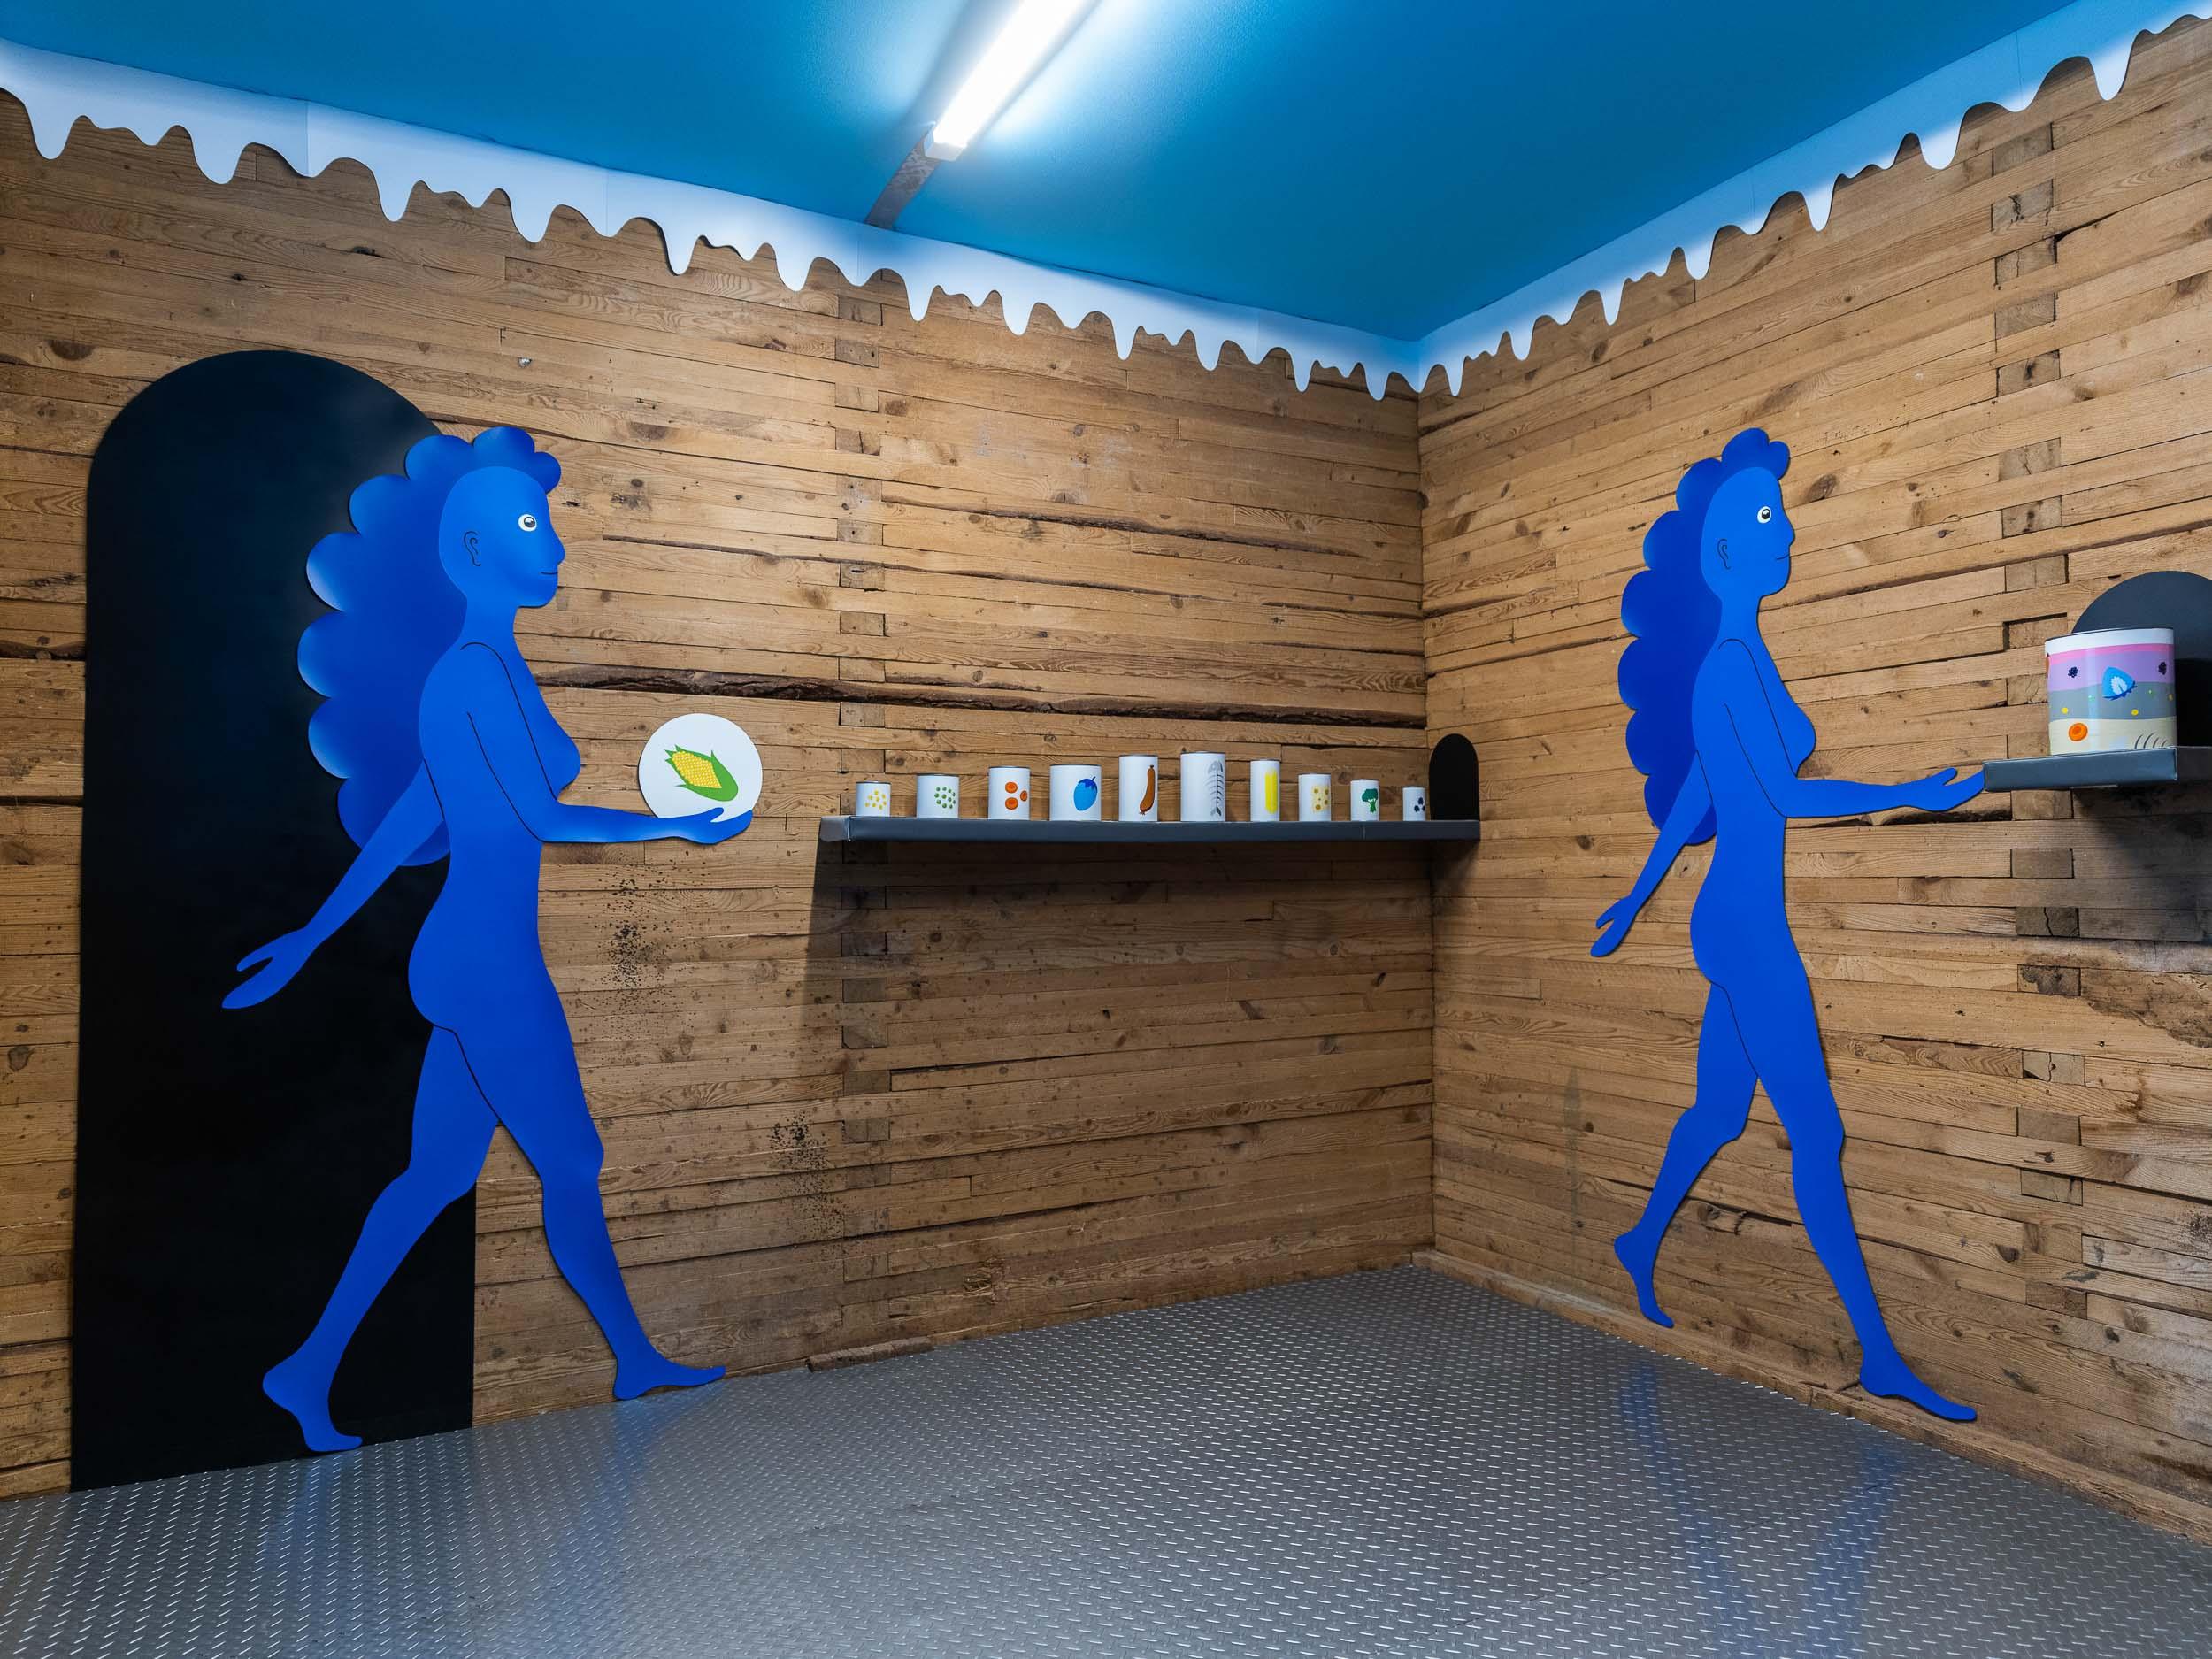 wassaic-project-summer-exhibition-ad-astra-per-aspera-saki-sato-2019-05-15-13-57-19.jpg